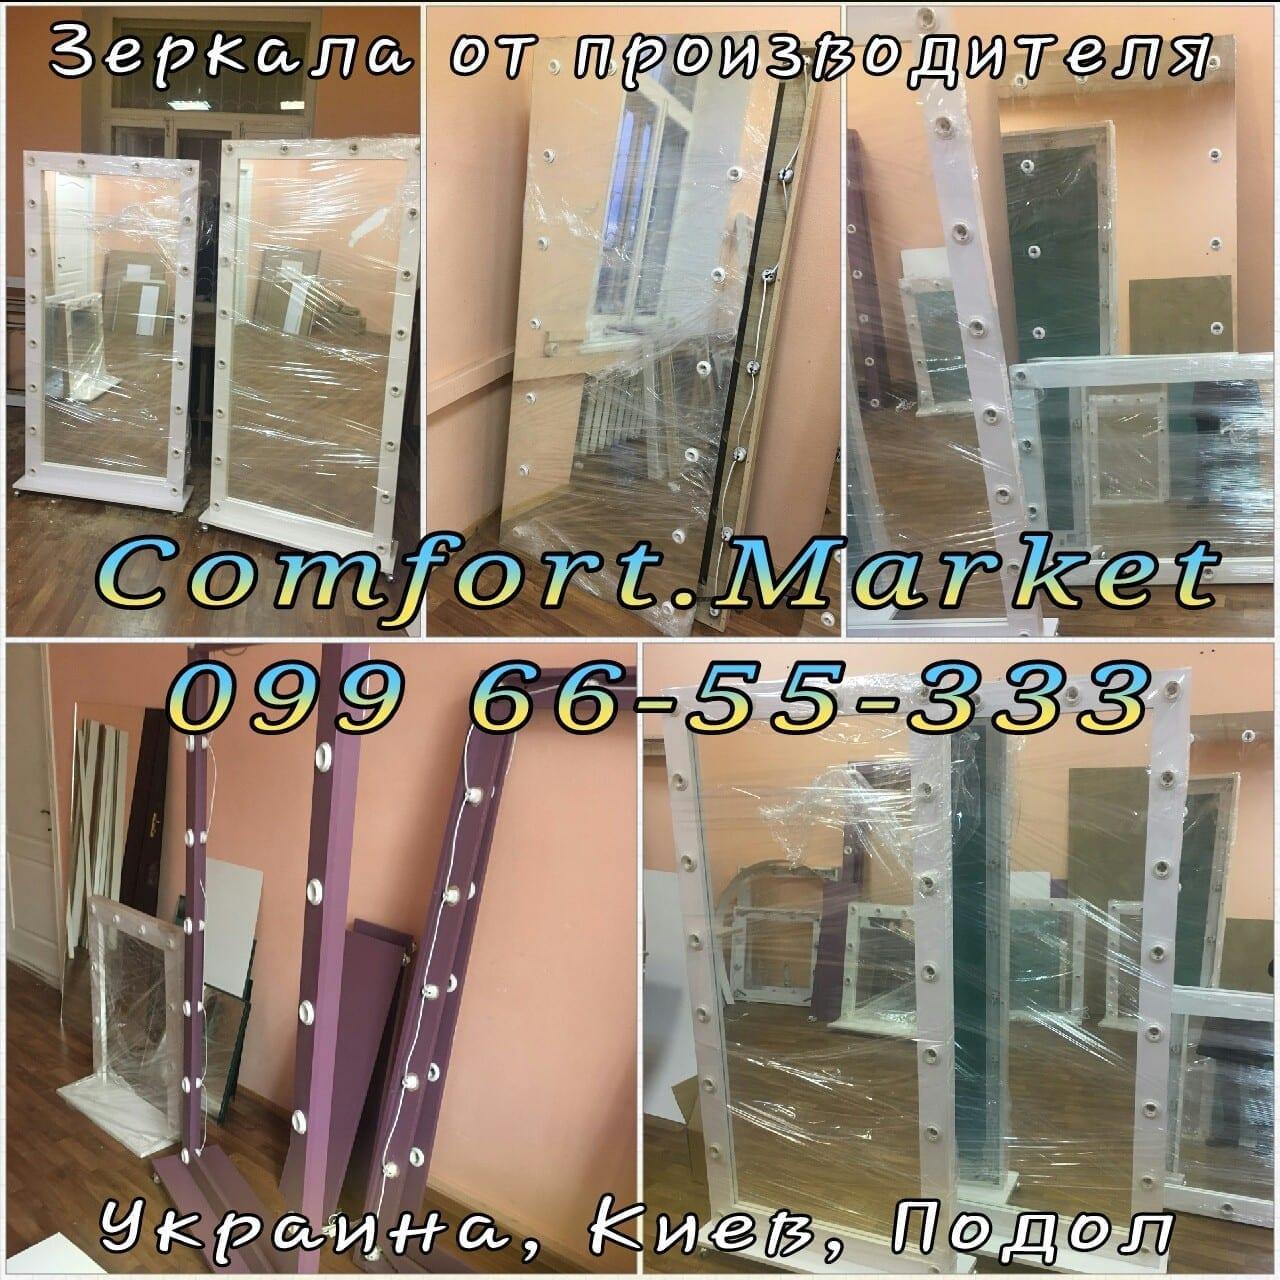 Зеркала с подсветкой разных размеров и цветов - купить в наличие и сделать под заказ в Украине.